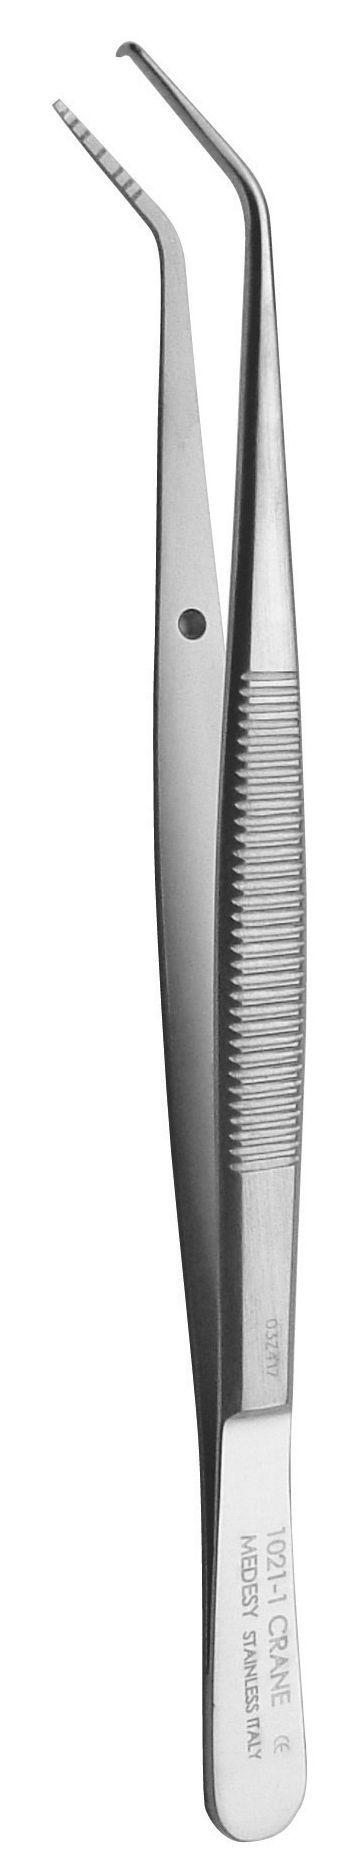 Pinça Periodontal Crane Importada - Caplan Esquerda - 1021/1 - Medesy